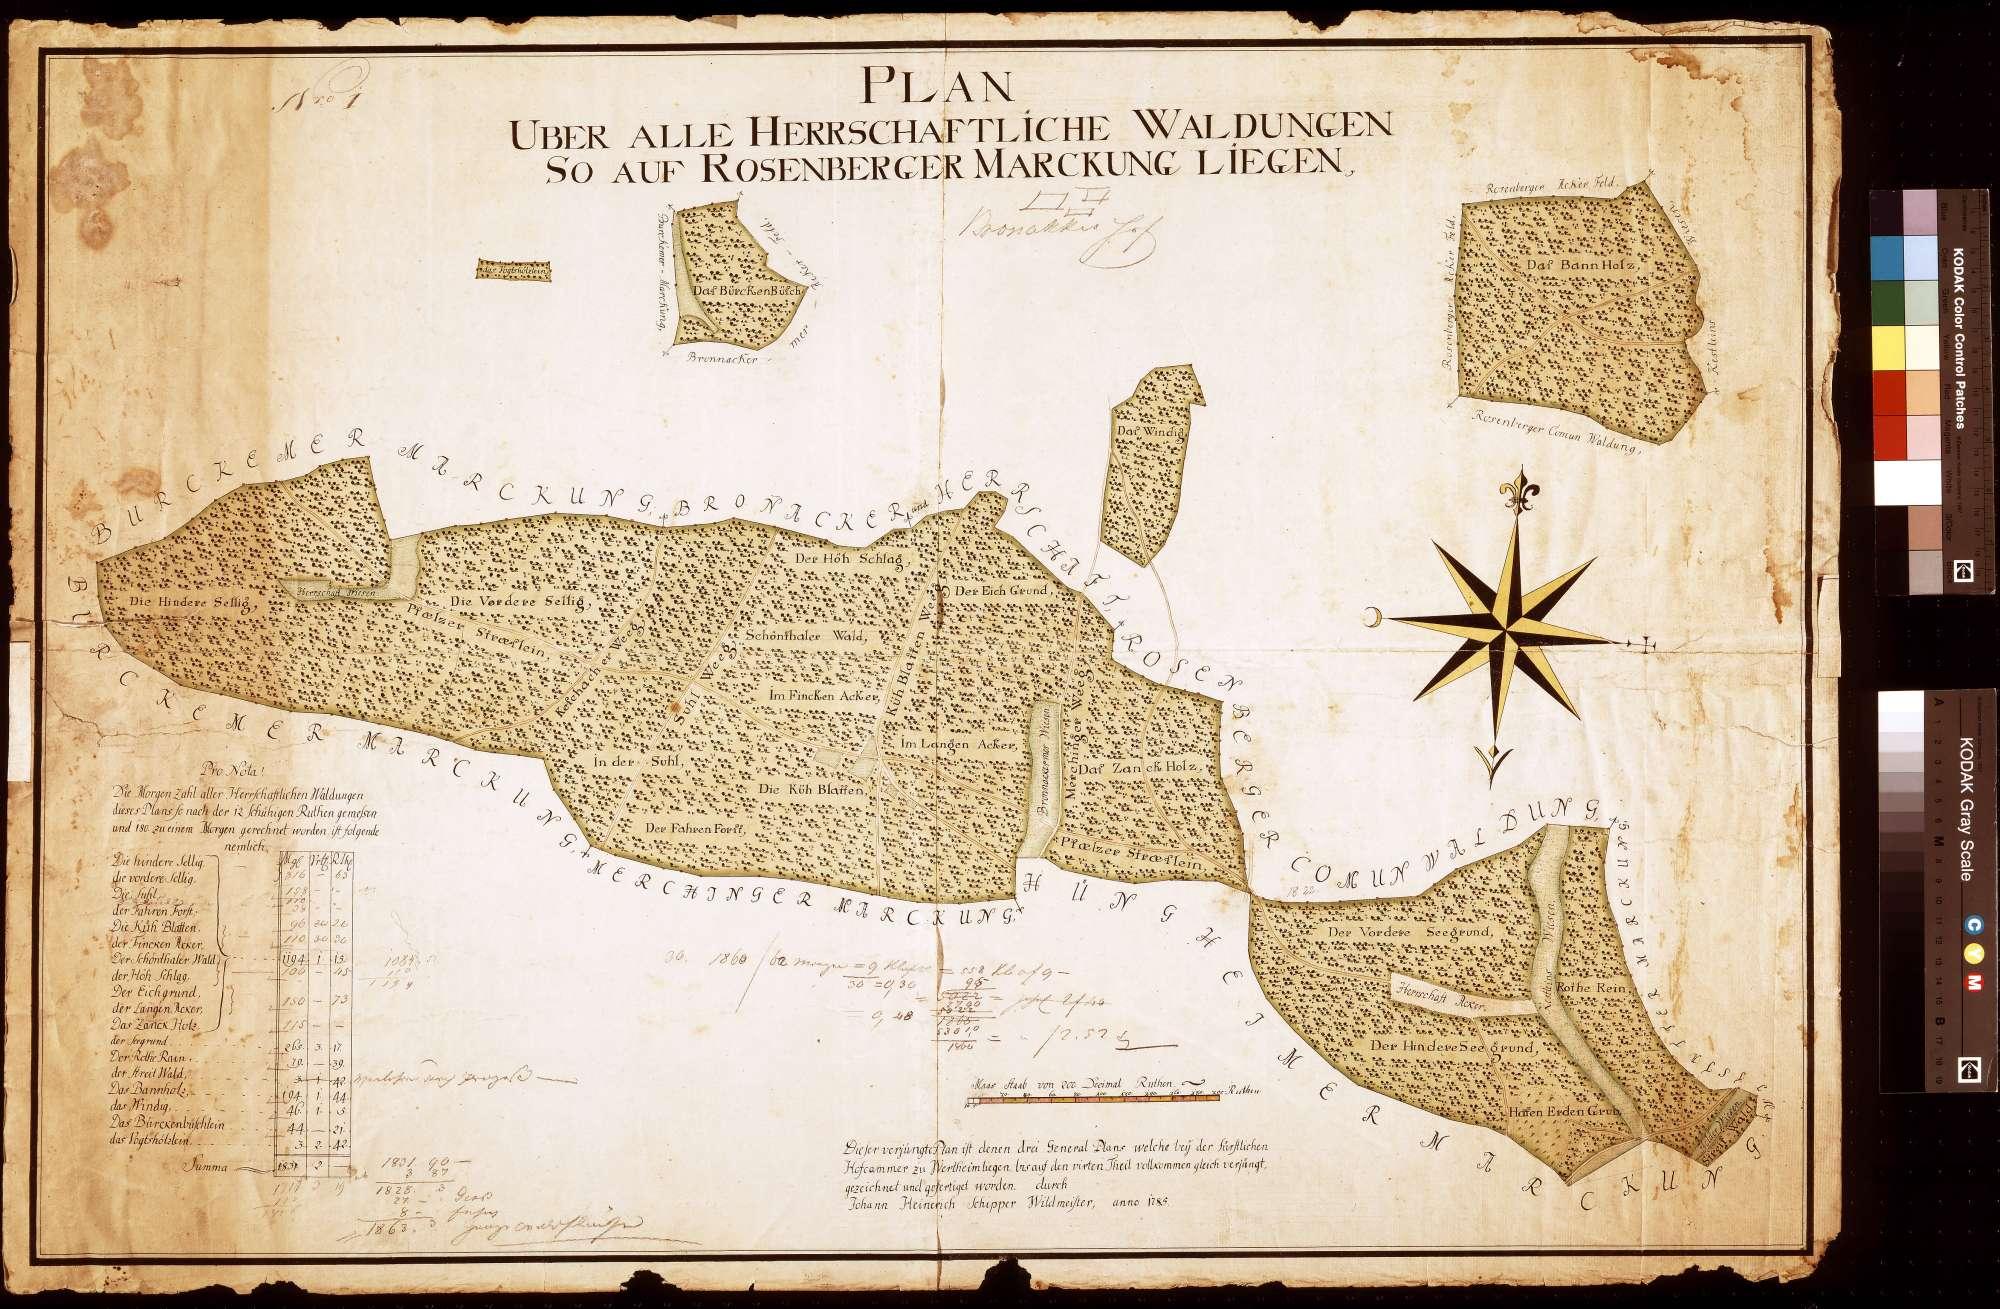 Waldungen auf Rosenberger Markung (Inselkarte), Bild 1